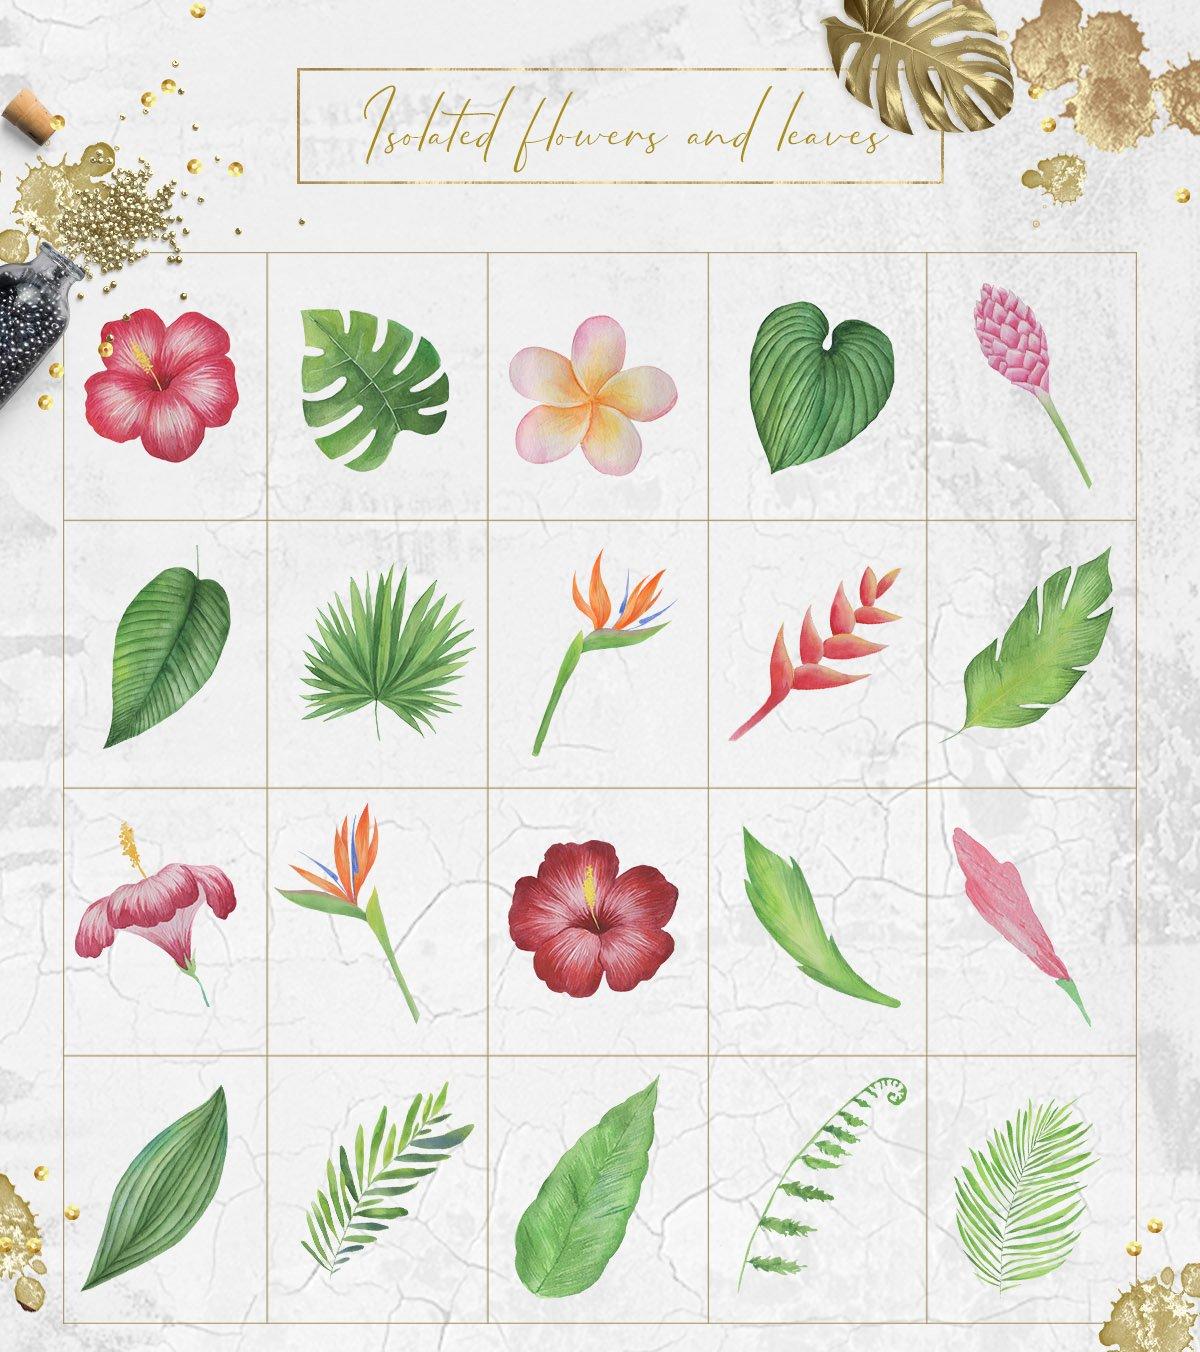 热带植物水果水彩画